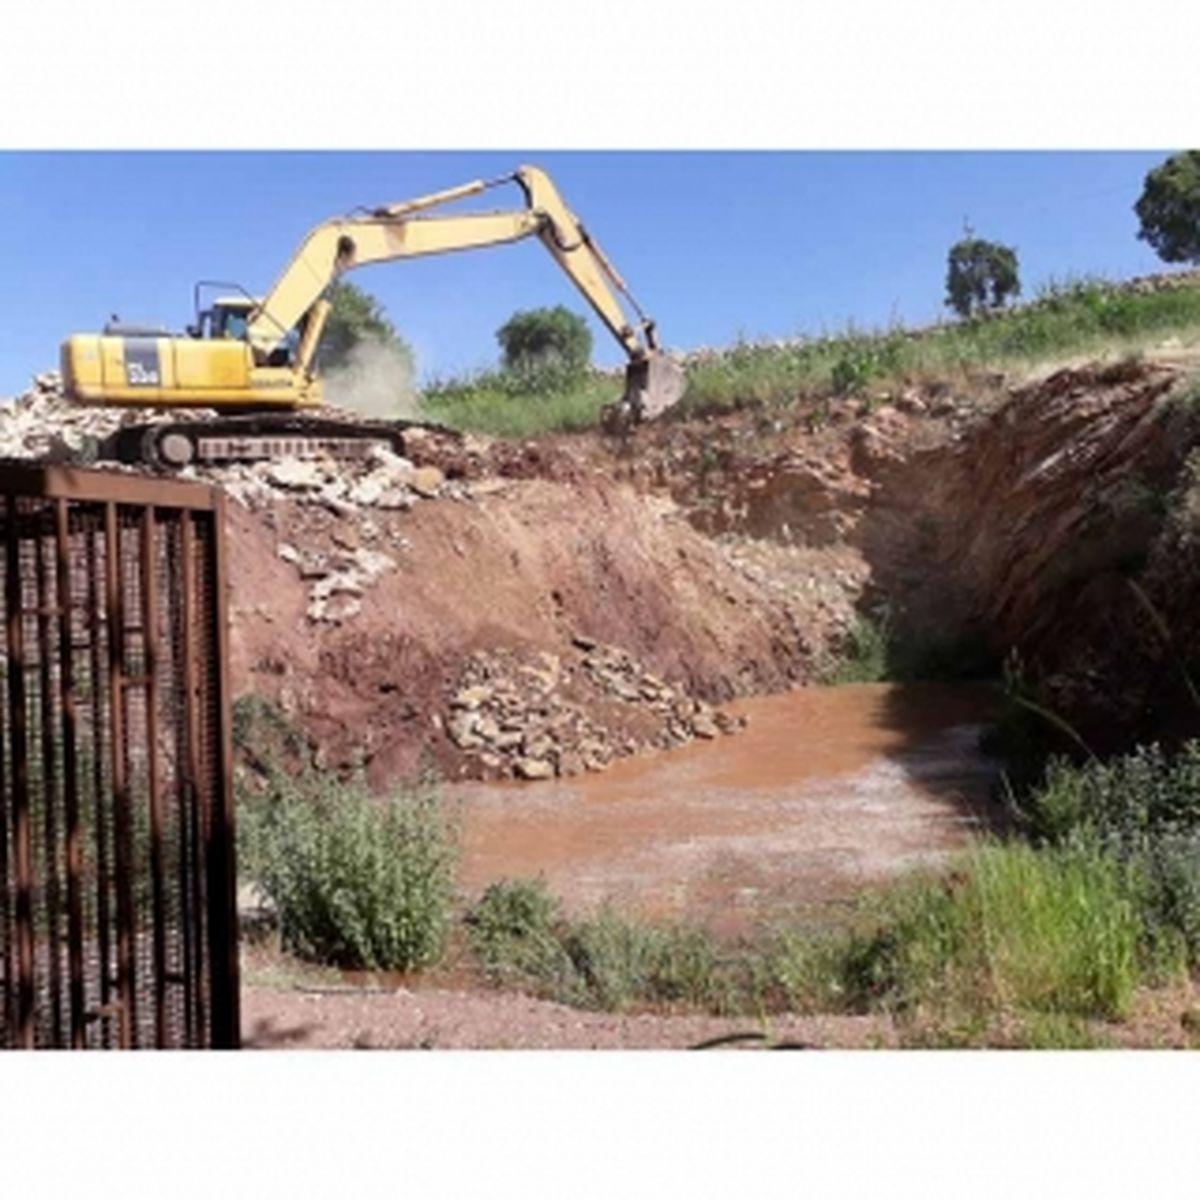 ۹۰۰ چاه غیرمجاز در اردبیل پر و مسلوب المنفعه شده است